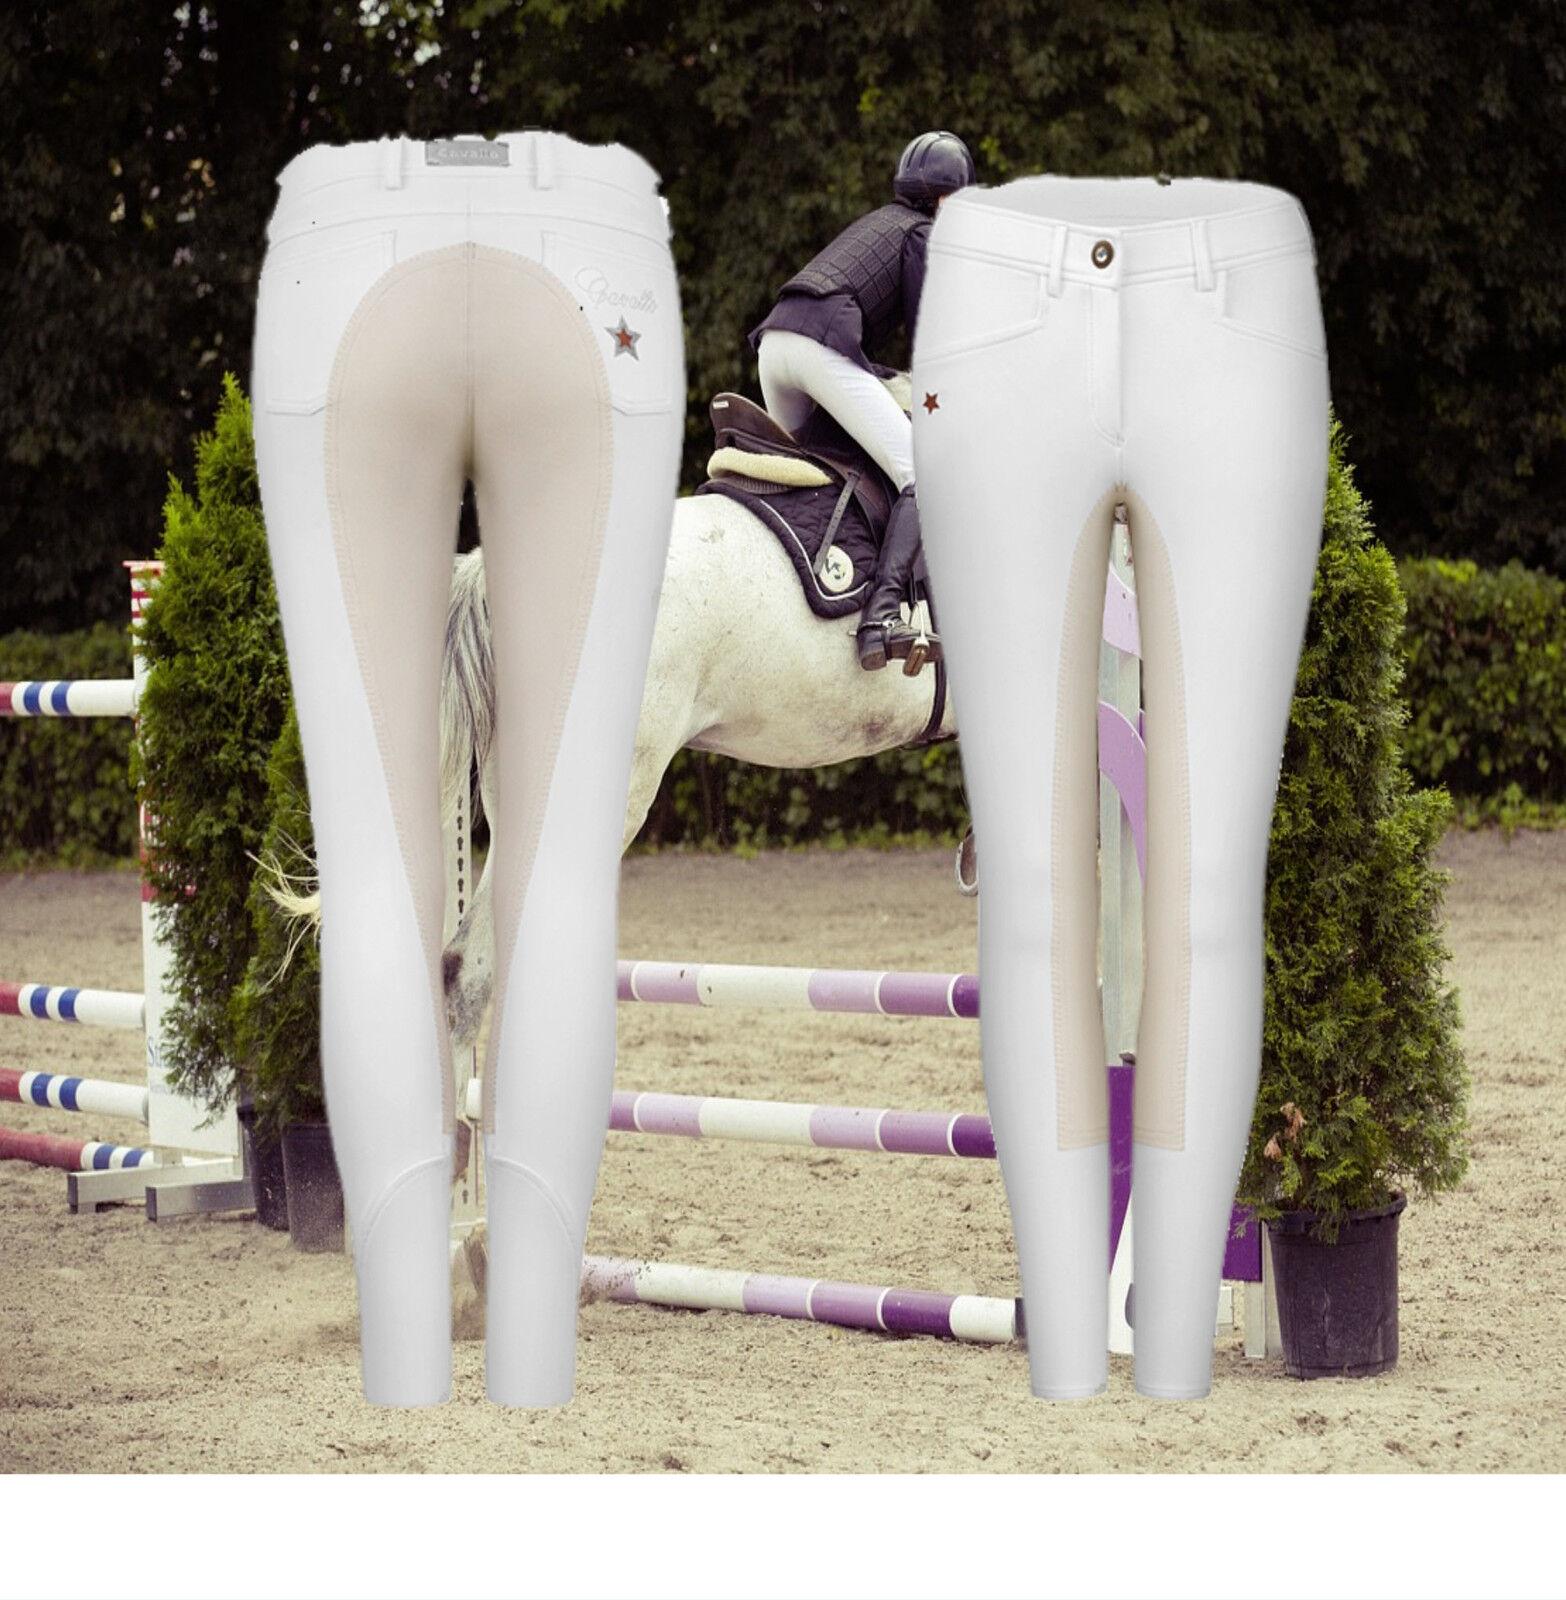 Cavallo Reithose weiß, Civa, Vollbesatz, weiß, Reithose Cavallo Civa  Damen Turnier Reithose 45ca48